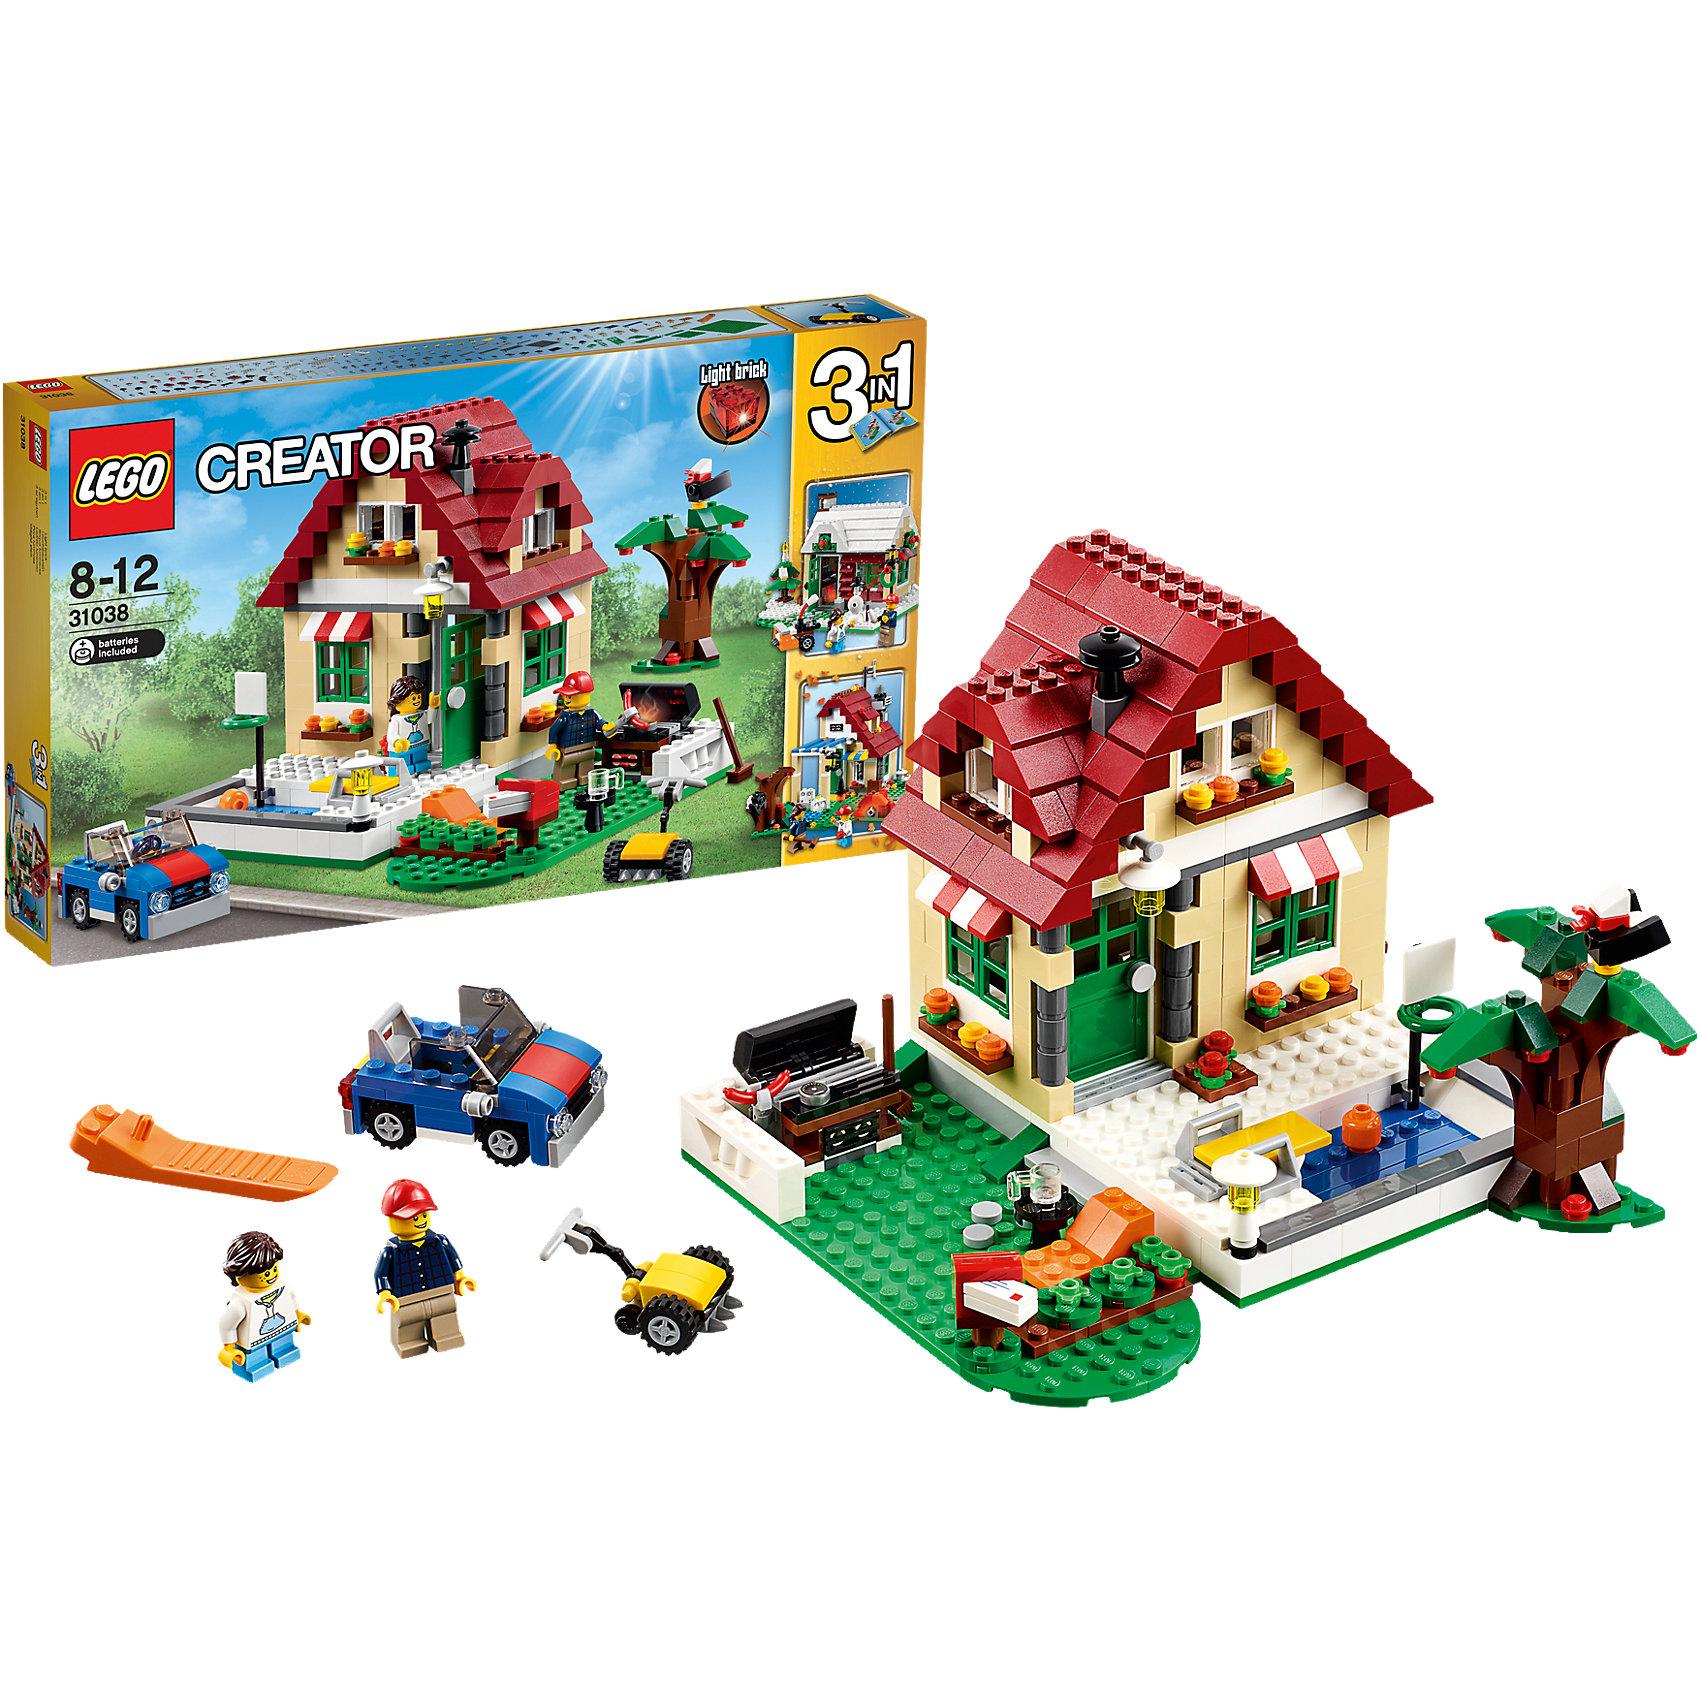 LEGO Creator 31038: Времена годаКонструктор LEGO Creator (ЛЕГО Креатор) 31038: Времена года - познакомит ребенка с жизнью прелестного дачного домика в разные времена года. Набор полон тематических аксессуаров, которые подстегнут детскую фантазию. Играть будет интересно не только в домике, но и на площадке вокруг дома. И летом и зимой на ней происходит много всего интересного. Летом хозяин подстригает траву, пока малышка резвится в бассейне, зимой все вместе наряжают елку во дворе, а осенью устраивают барбекю. У дачников красивый сад, который облюбовала птичка. Вечером они собираются в комнате, чтобы попить чай. Когда необходимо выехать в город за продуктами дачники садятся в удобный автомобиль и едут покупать необходимые вещи.  Создавая убранство дома и лужайки, создавая интересные сюжеты, малыш в увлекательной игровой форме развивает фантазию, мелкую моторику и координацию движений. Ребенок сможет придумать множество увлекательных сюжетов с деталями набора LEGO Creator (ЛЕГО Креатор) 31038: Времена года. Подключайте фантазию и Вам никогда не будет скучно в компании LEGO (ЛЕГО)!<br><br>С помощью конструкторов серии LEGO Creator (ЛЕГО Креатор) малыш учится собственными руками создавать что-то новое, познает устройство окружающей действительности, развивает мышление и творческие способности. Особенность этой серии в том, что у одного набора существует 3 готовых варианта сборки. Но малыш может проявить фантазию и собрать то, что рисует его воображение. В серию входят стандартные кубики, из которых можно собрать дома, автомобили и многое другое. Все выпускаемые конструкторы LEGO Creator (ЛЕГО Креатор) взаимозаменяемы, поэтому детали от любого набора прекрасно подойдут к уже имеющемуся конструктору.<br><br>Дополнительная информация:<br><br>- Игра с конструктором  LEGO (ЛЕГО) развивает мелкую моторику ребенка, фантазию и воображение, учит его усидчивости и внимательности;<br>- В комплекте: 2 минифигурки (взрослый, ребенок), множество тематических аксессуаров, детали набор